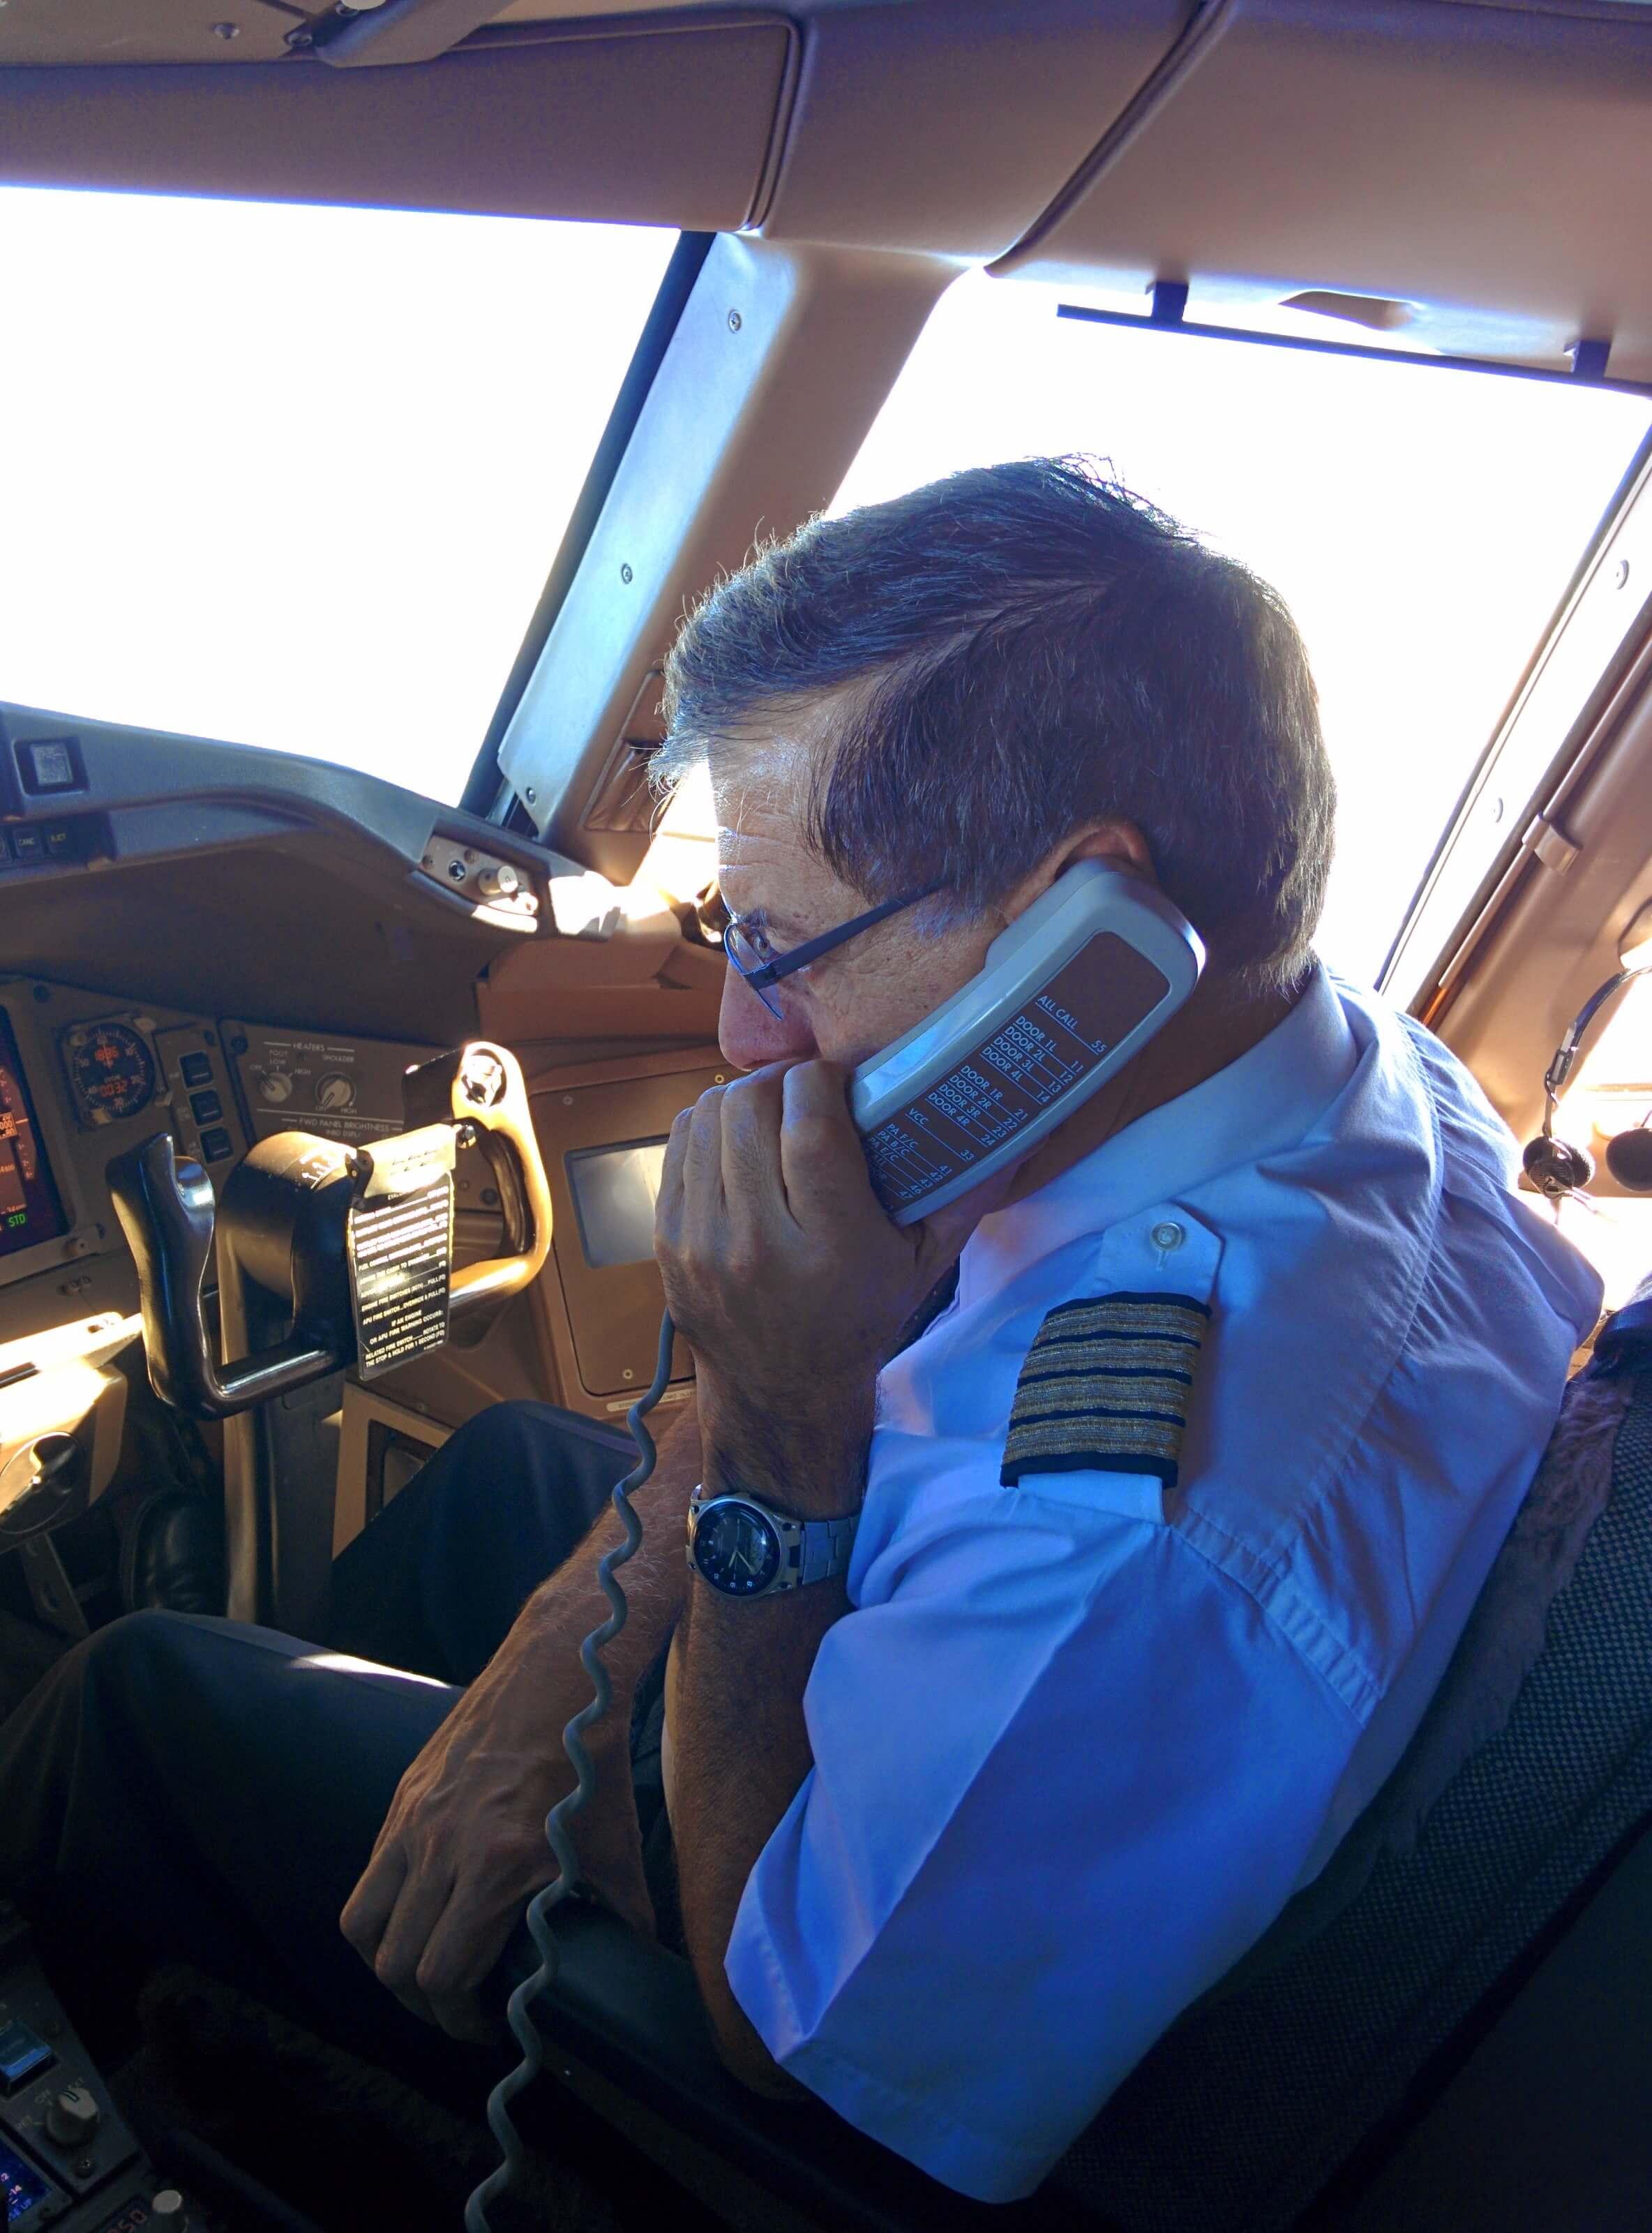 פחד טיסה מה עושים סמינר טיסה ללא פחד עם קברניט מיקי כץ